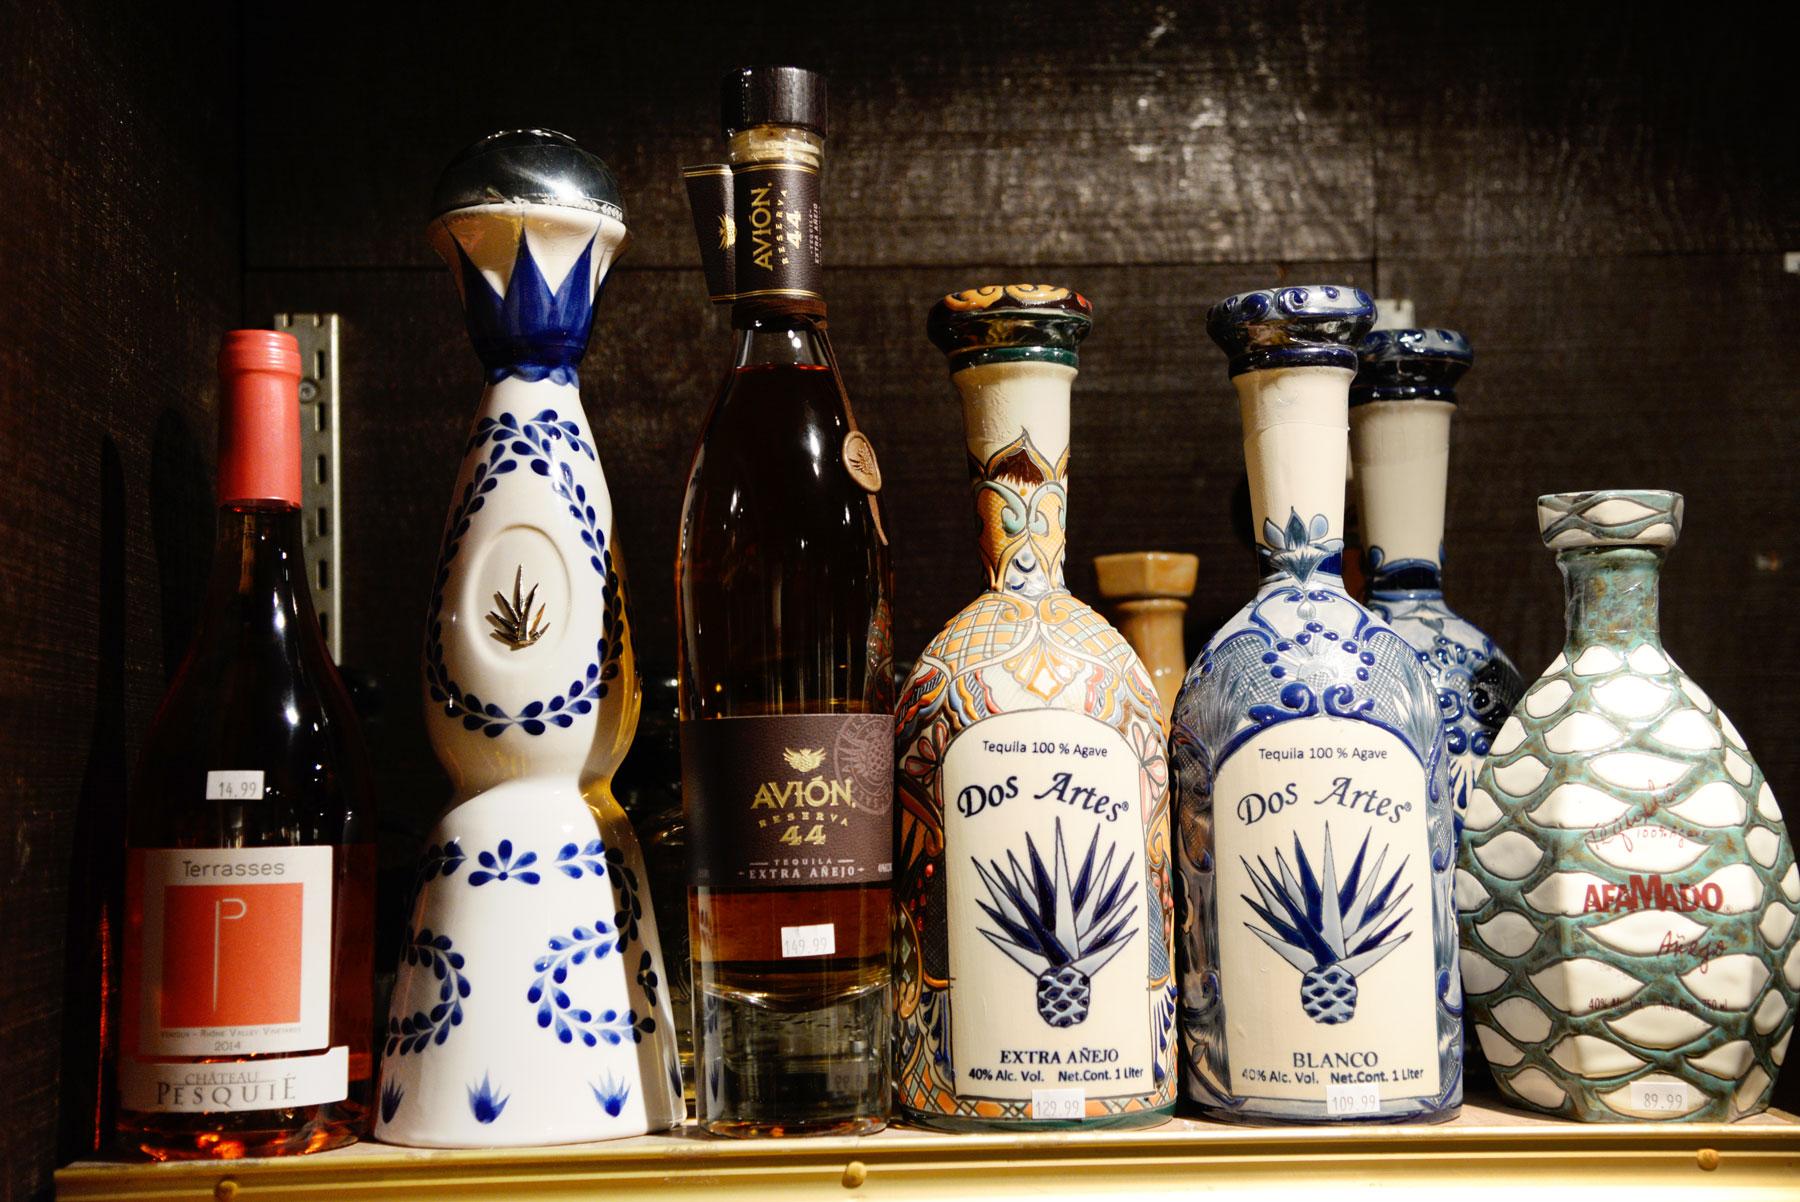 Extra Anejo Tequila Avion Dos Artes